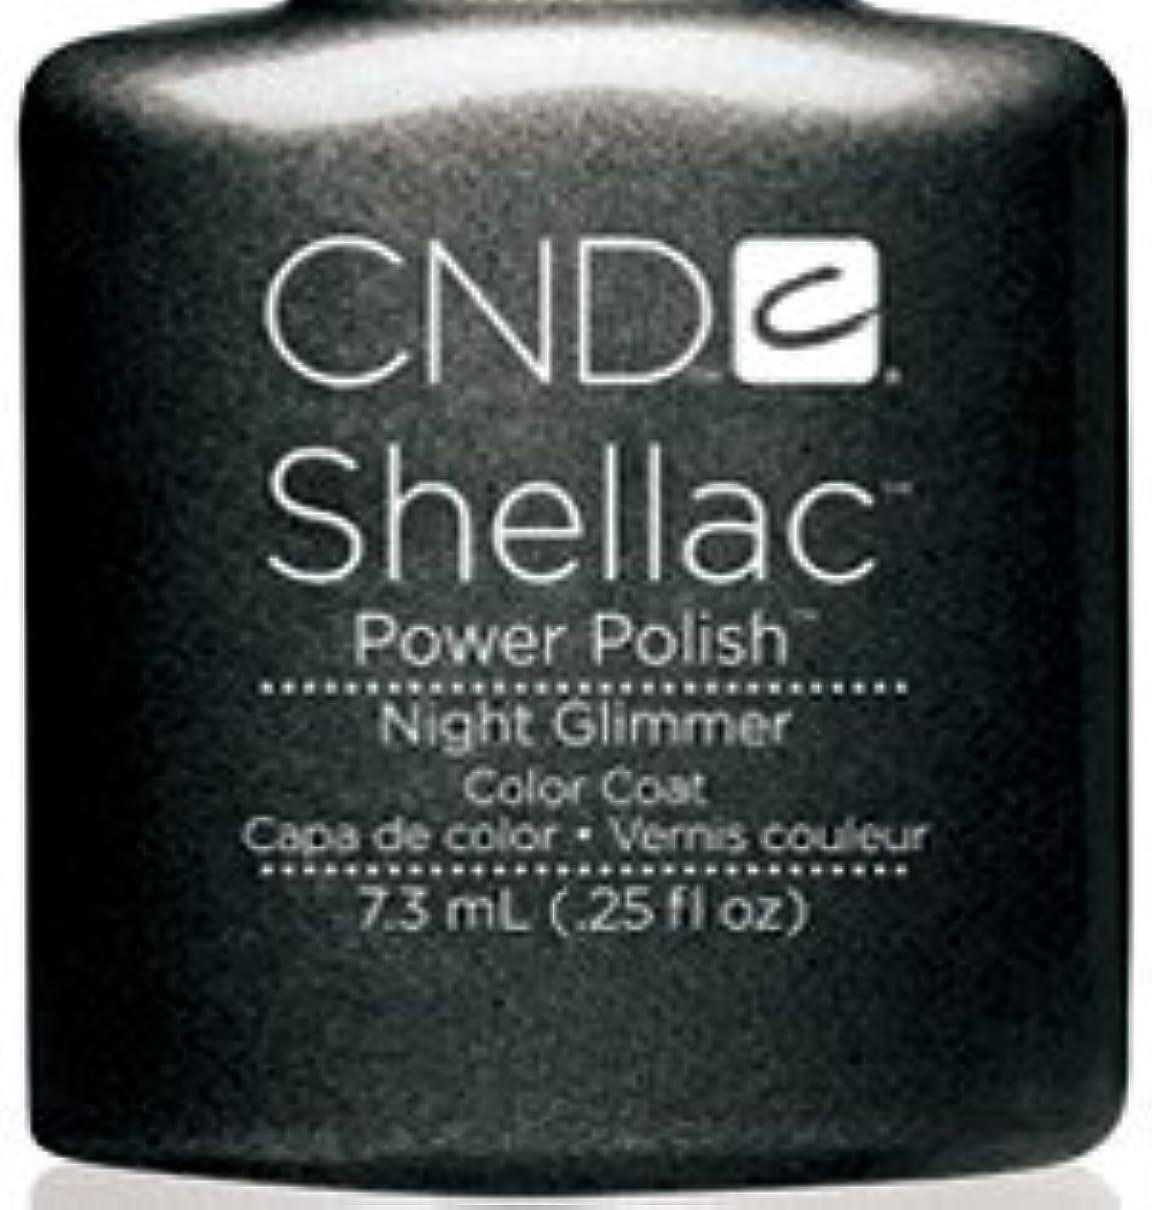 ペースト定期的な証人CND シェラック UVカラーコート 7.3ml<BR>381 ナイトグリマー